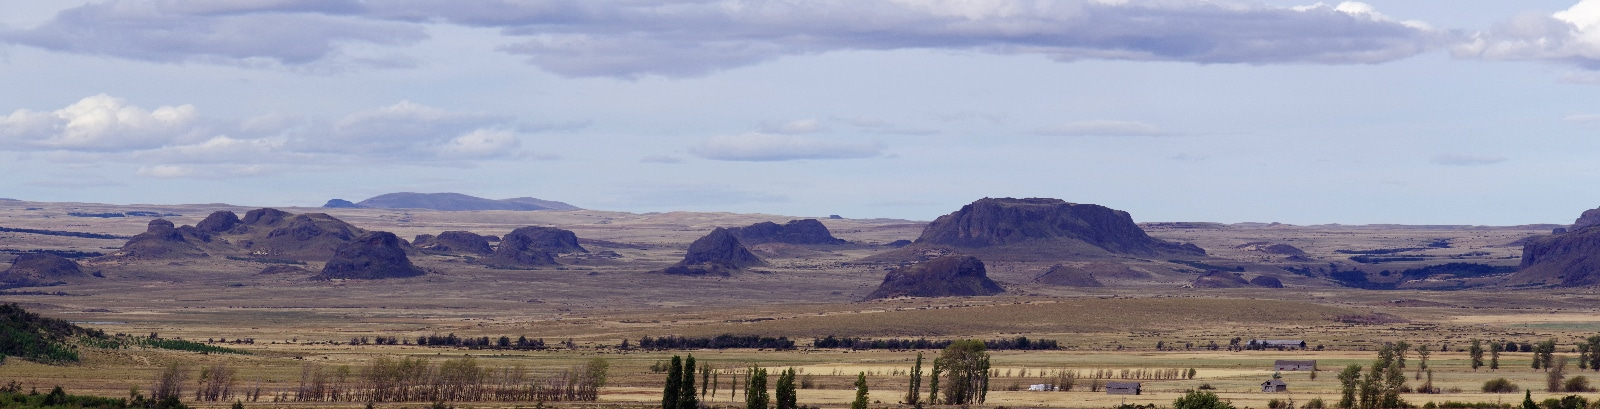 Paysage aride de Patagonie chilienne.